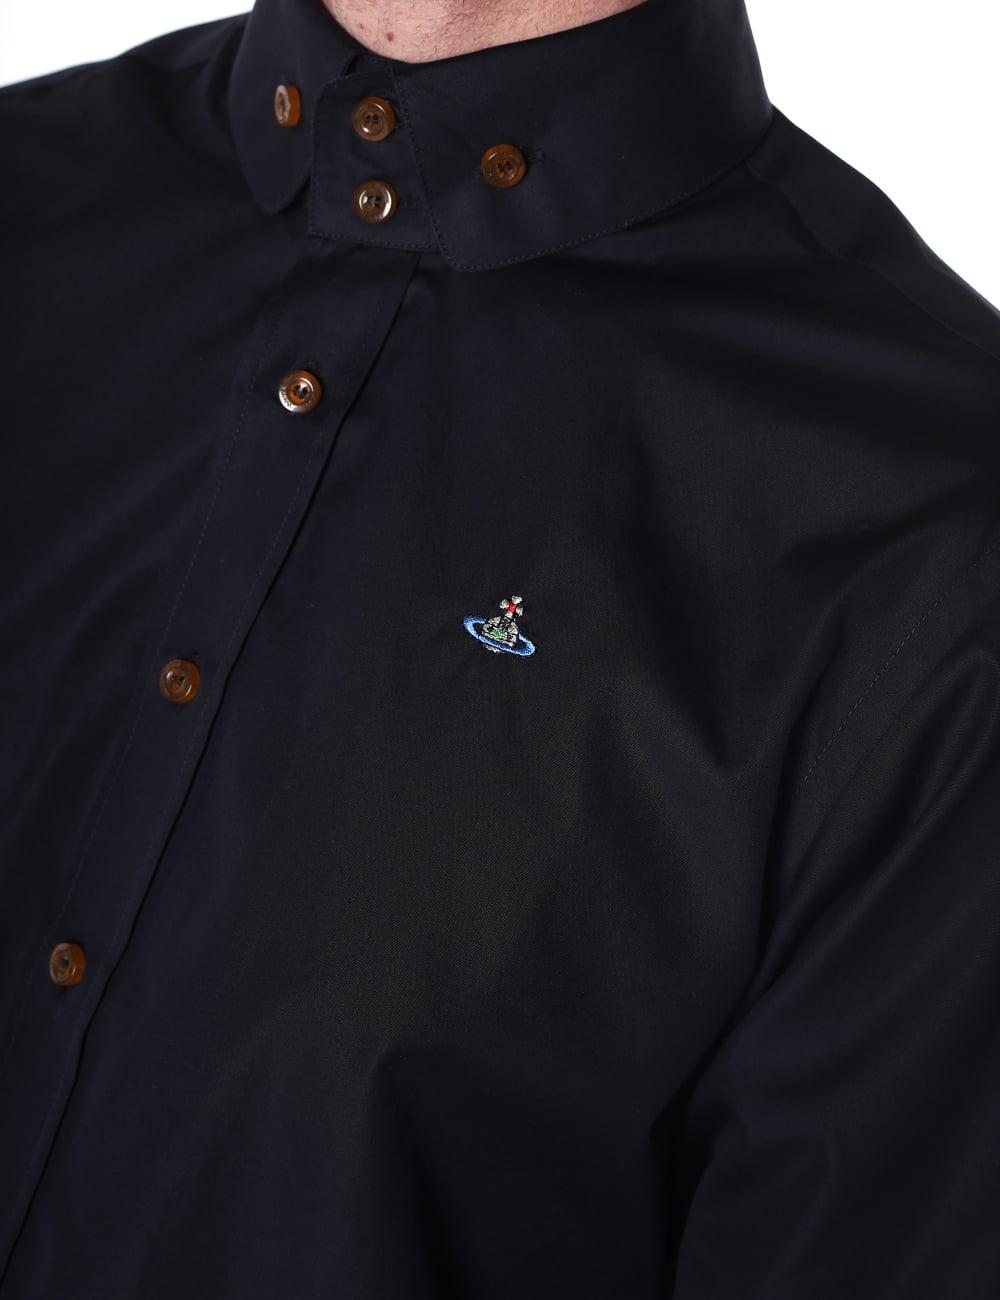 726e9a78240e Vivienne Westwood Men s 2 Button Krall Shirt